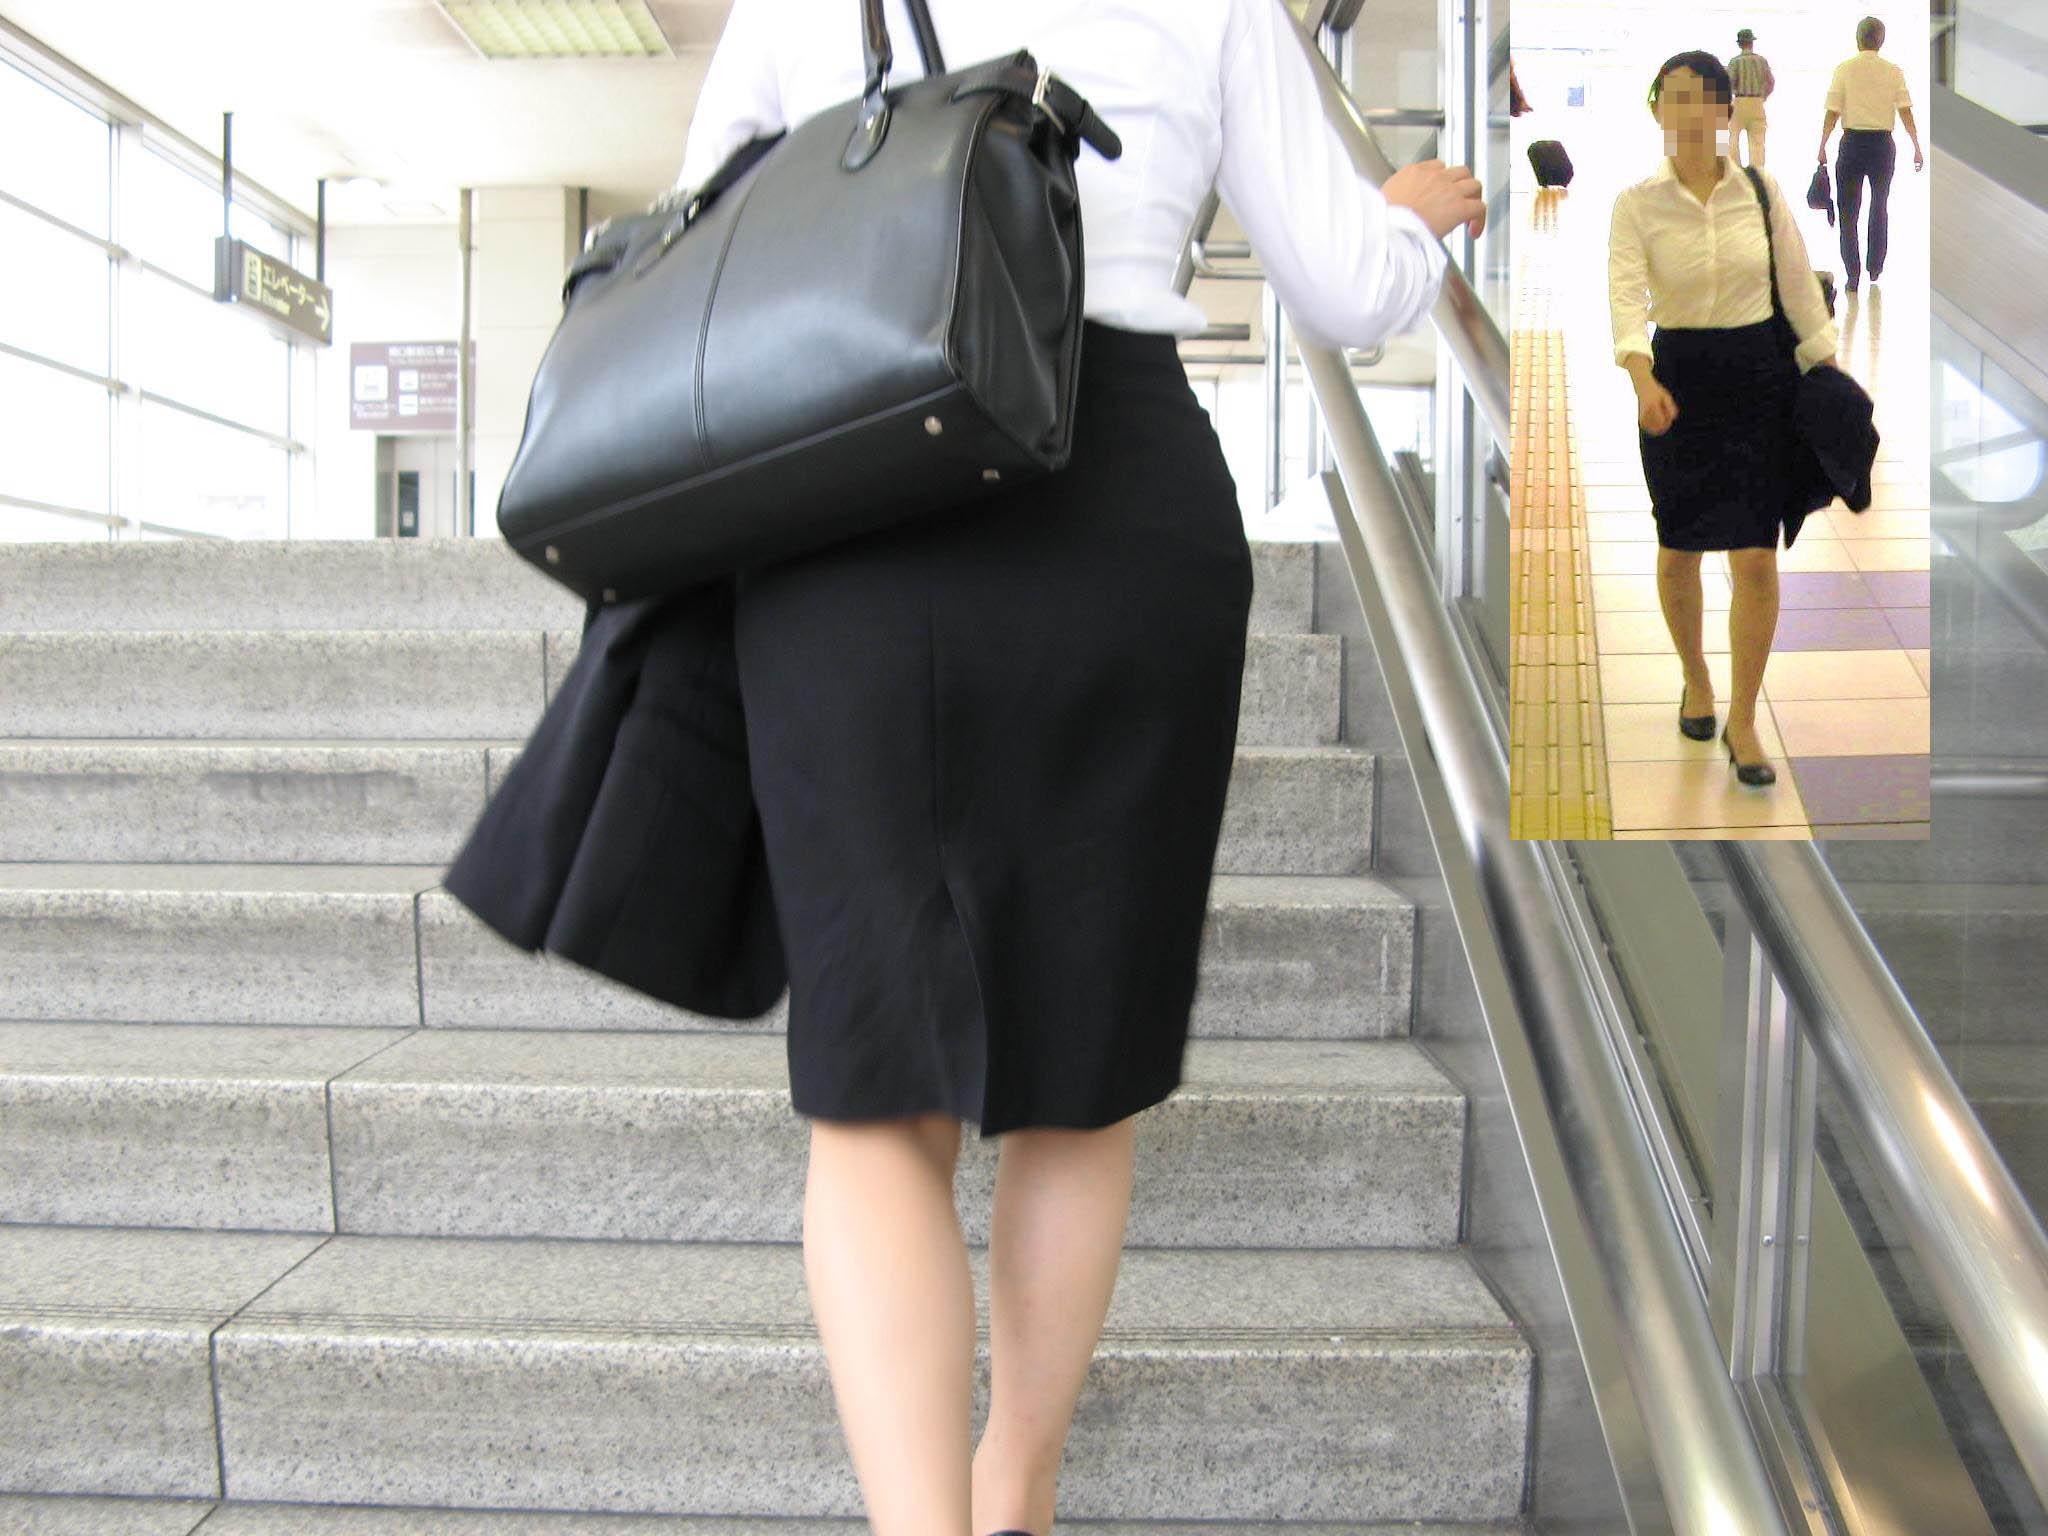 【街撮りリクスーエロ画像】膝下とタイトだけでも十分満たされるwww就活中のリクスー女子たち 02